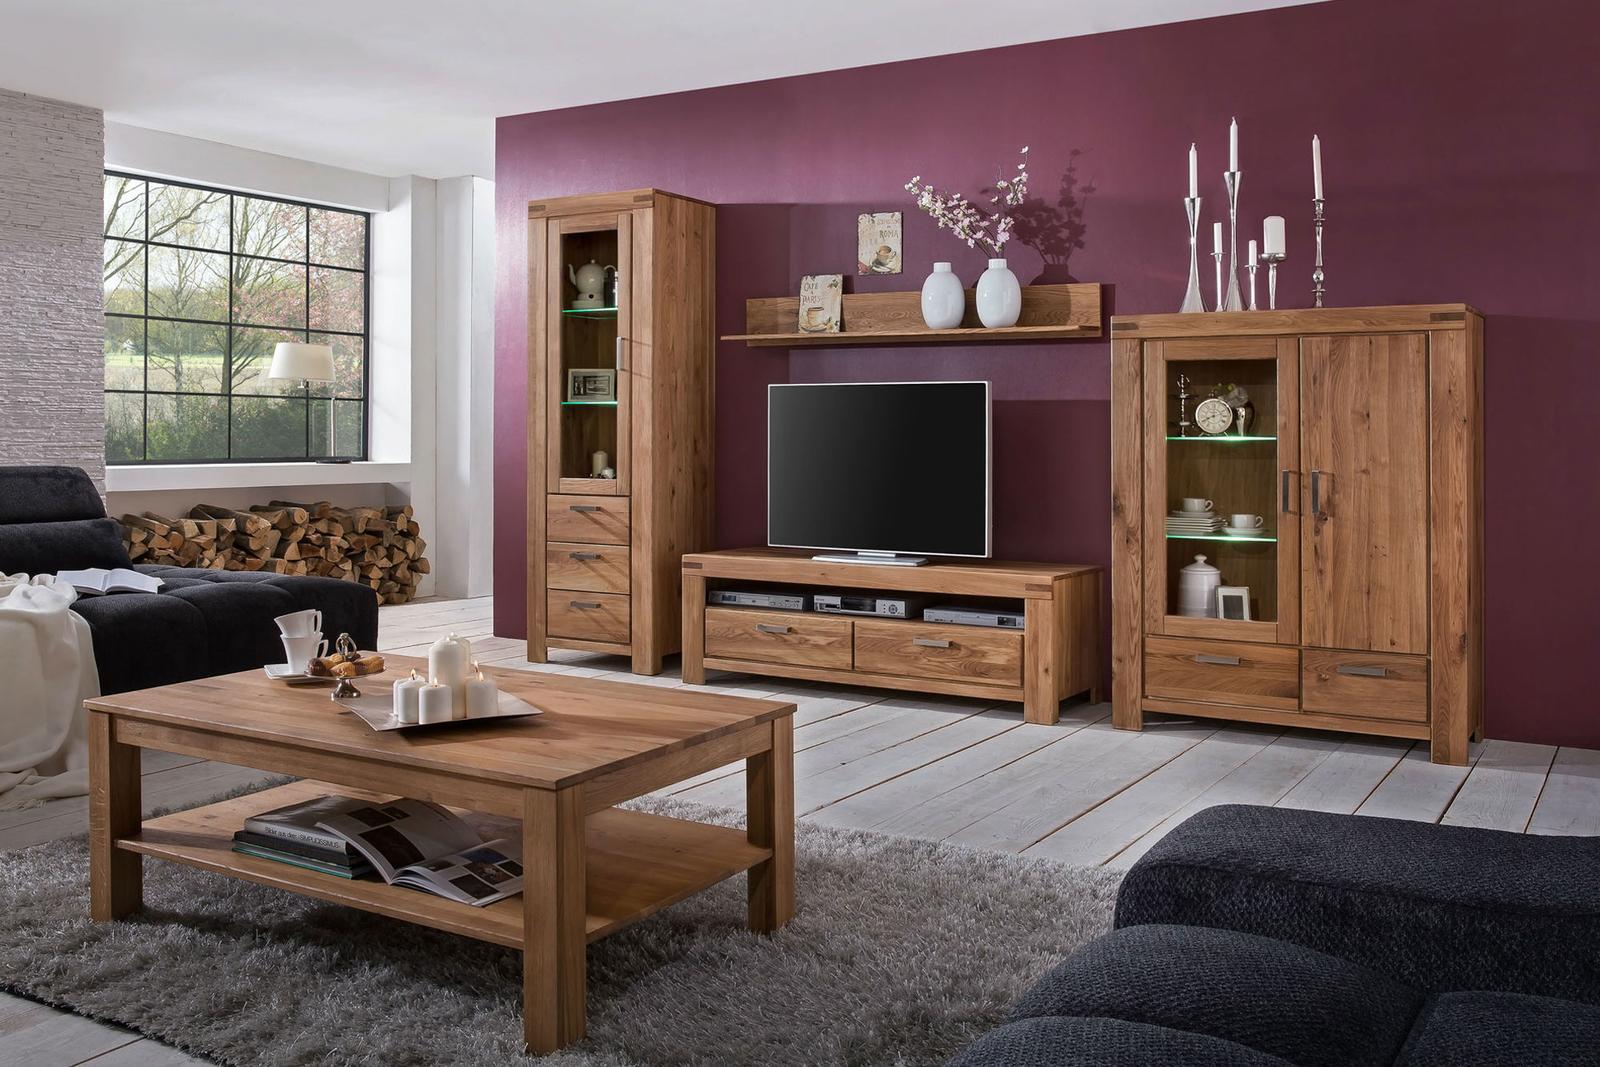 wohnzimmer vitrine, wohnzimmer vitrine massivholz kira 1-türig von elfo günstig, Design ideen